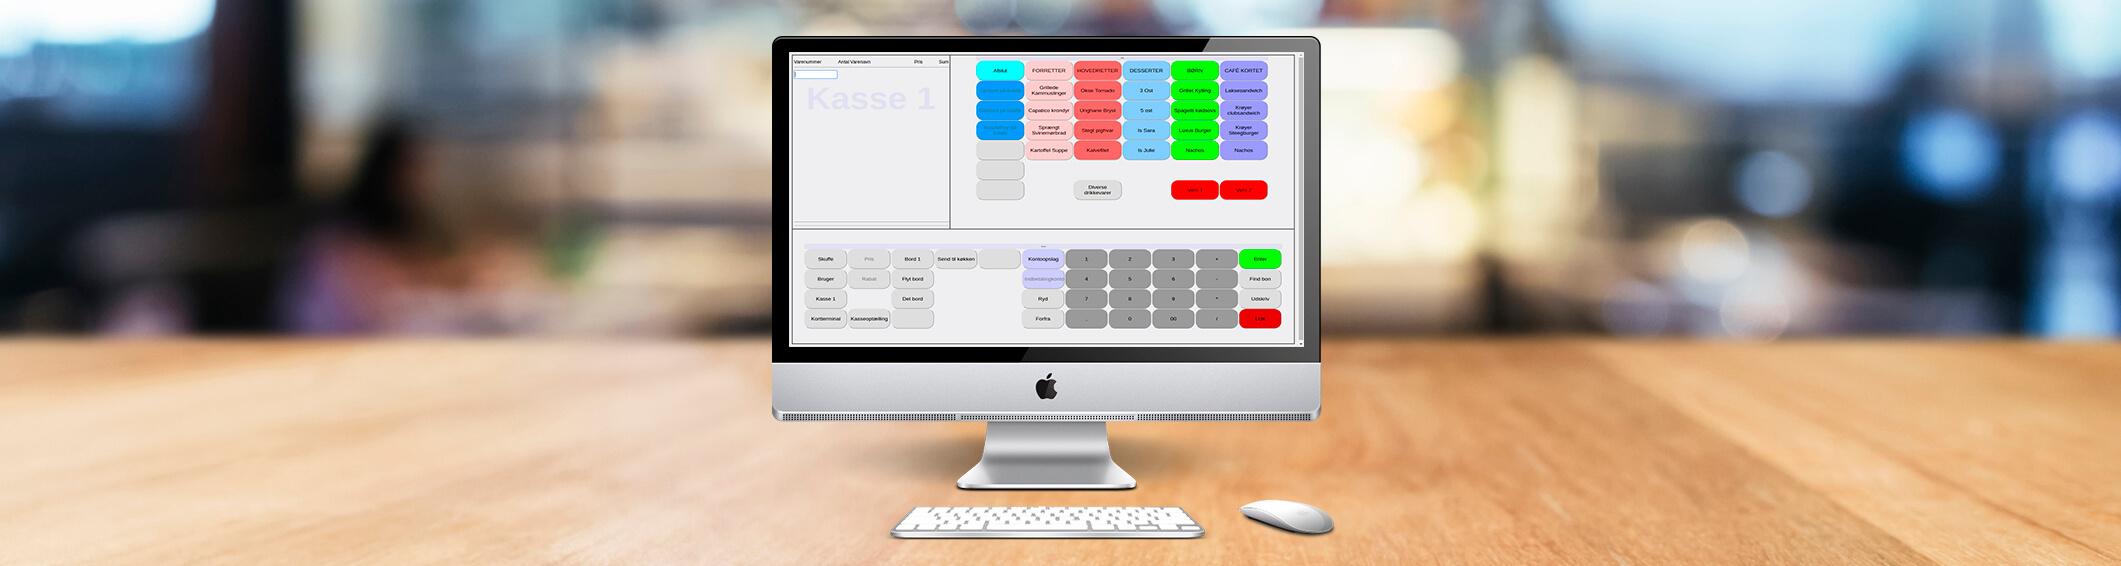 kassesystem til din egen pc/mac